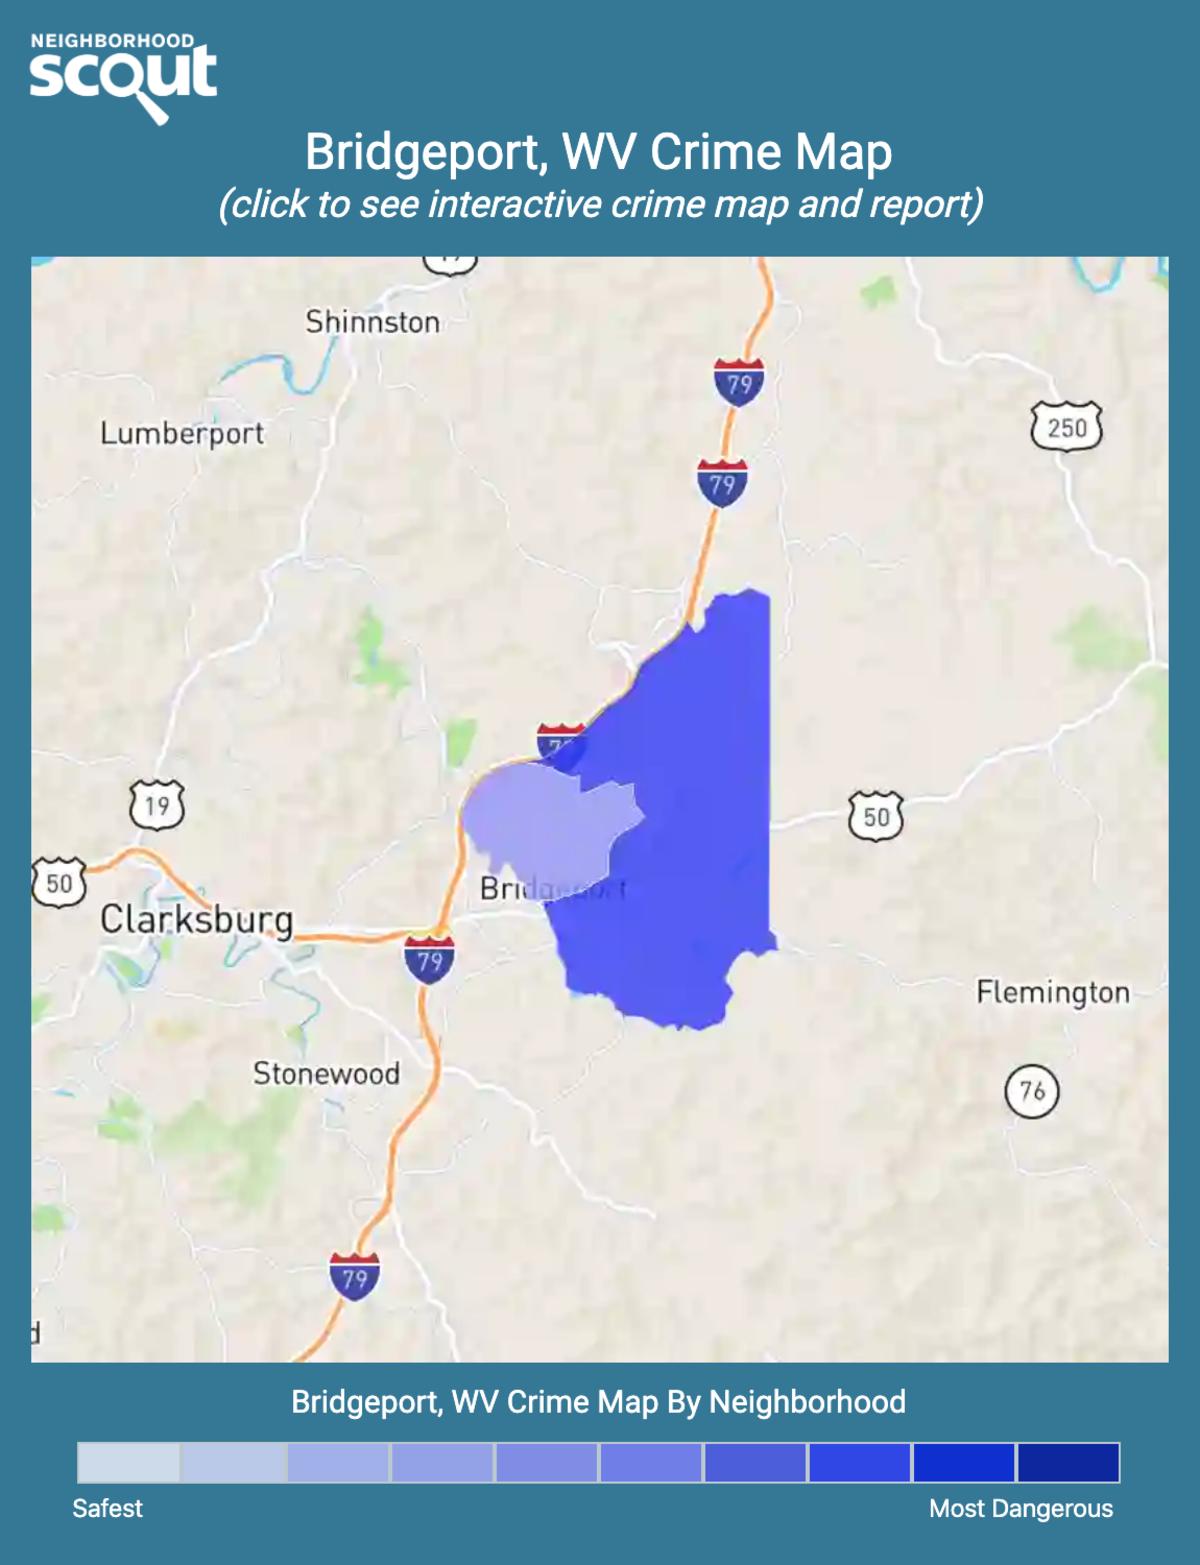 Bridgeport, West Virginia crime map